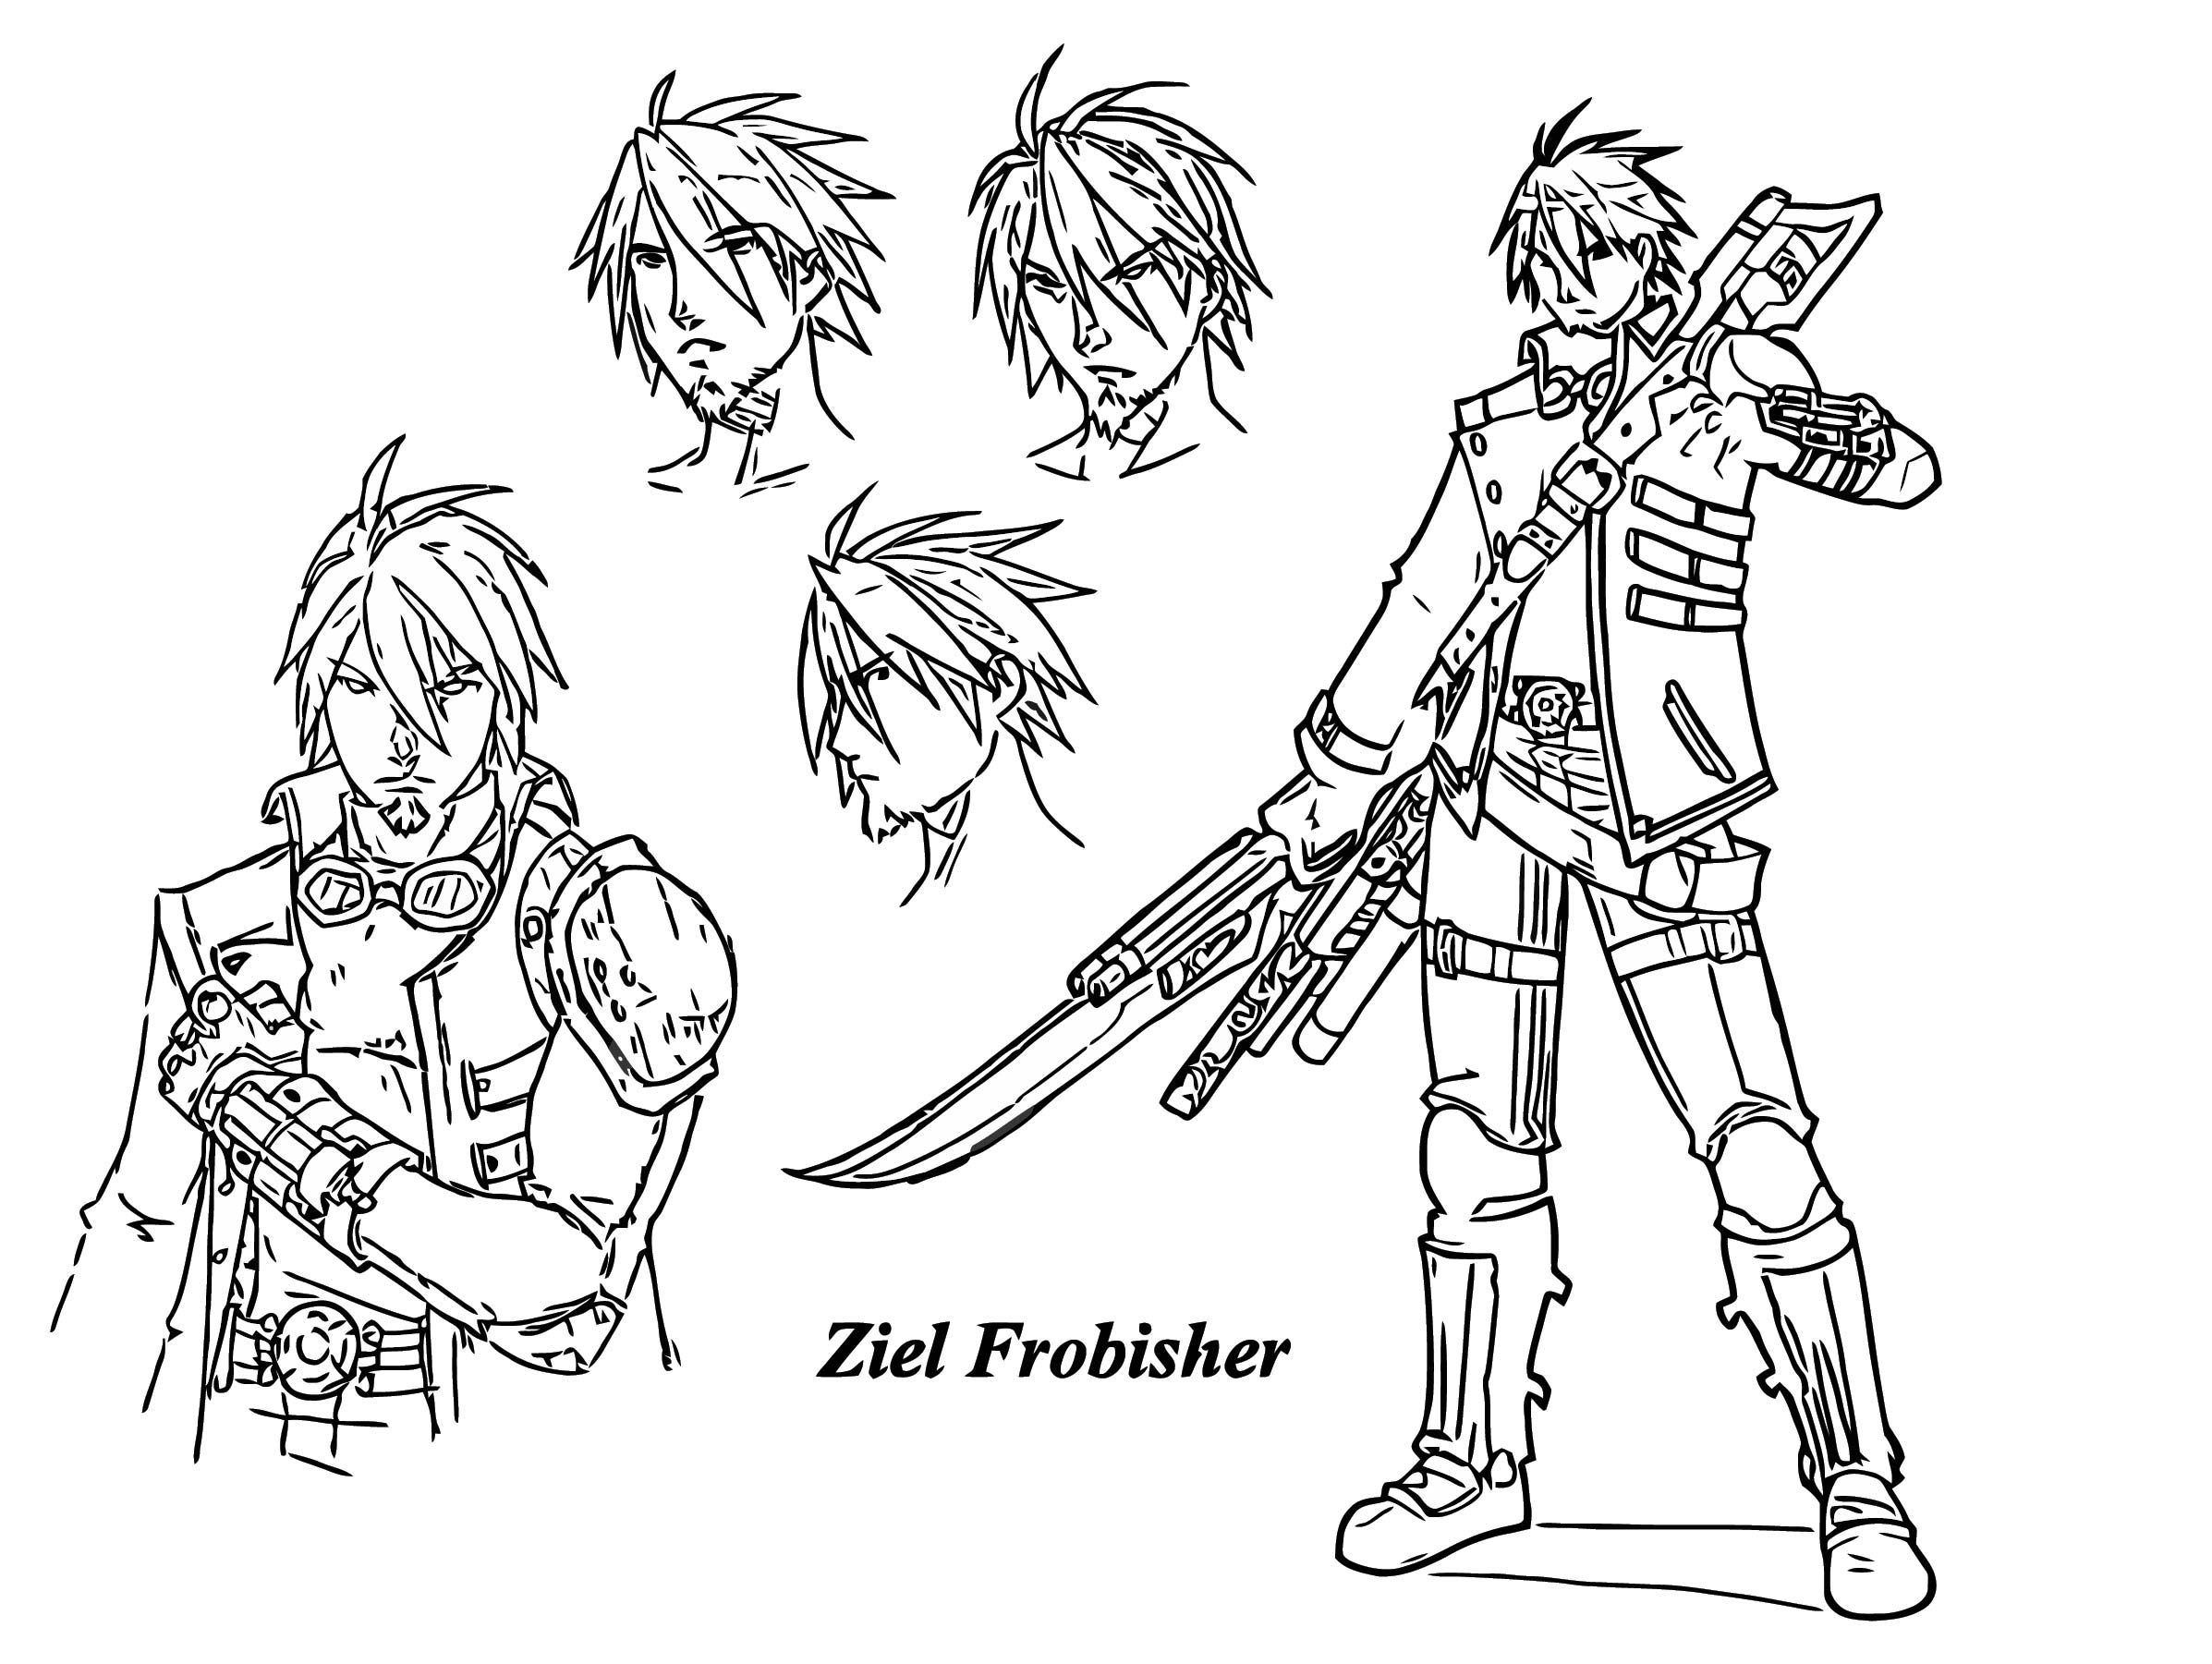 Milkjunkie Ziel Frobisher Character Design Cartoonize Coloring Page